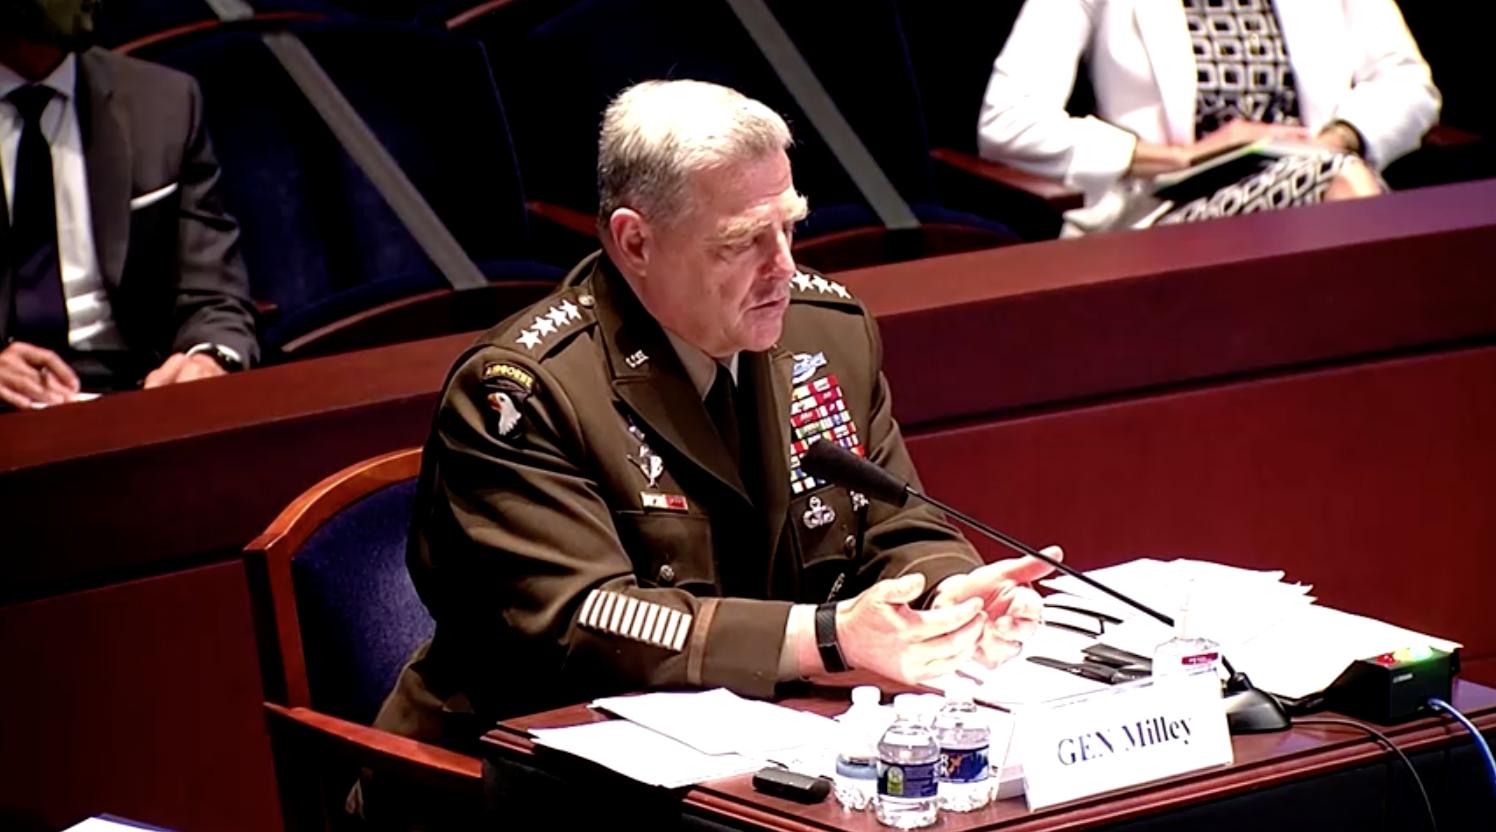 Bộ Quốc Phòng cấm treo cờ Liên Minh Miền Nam tại các căn cứ quân sự